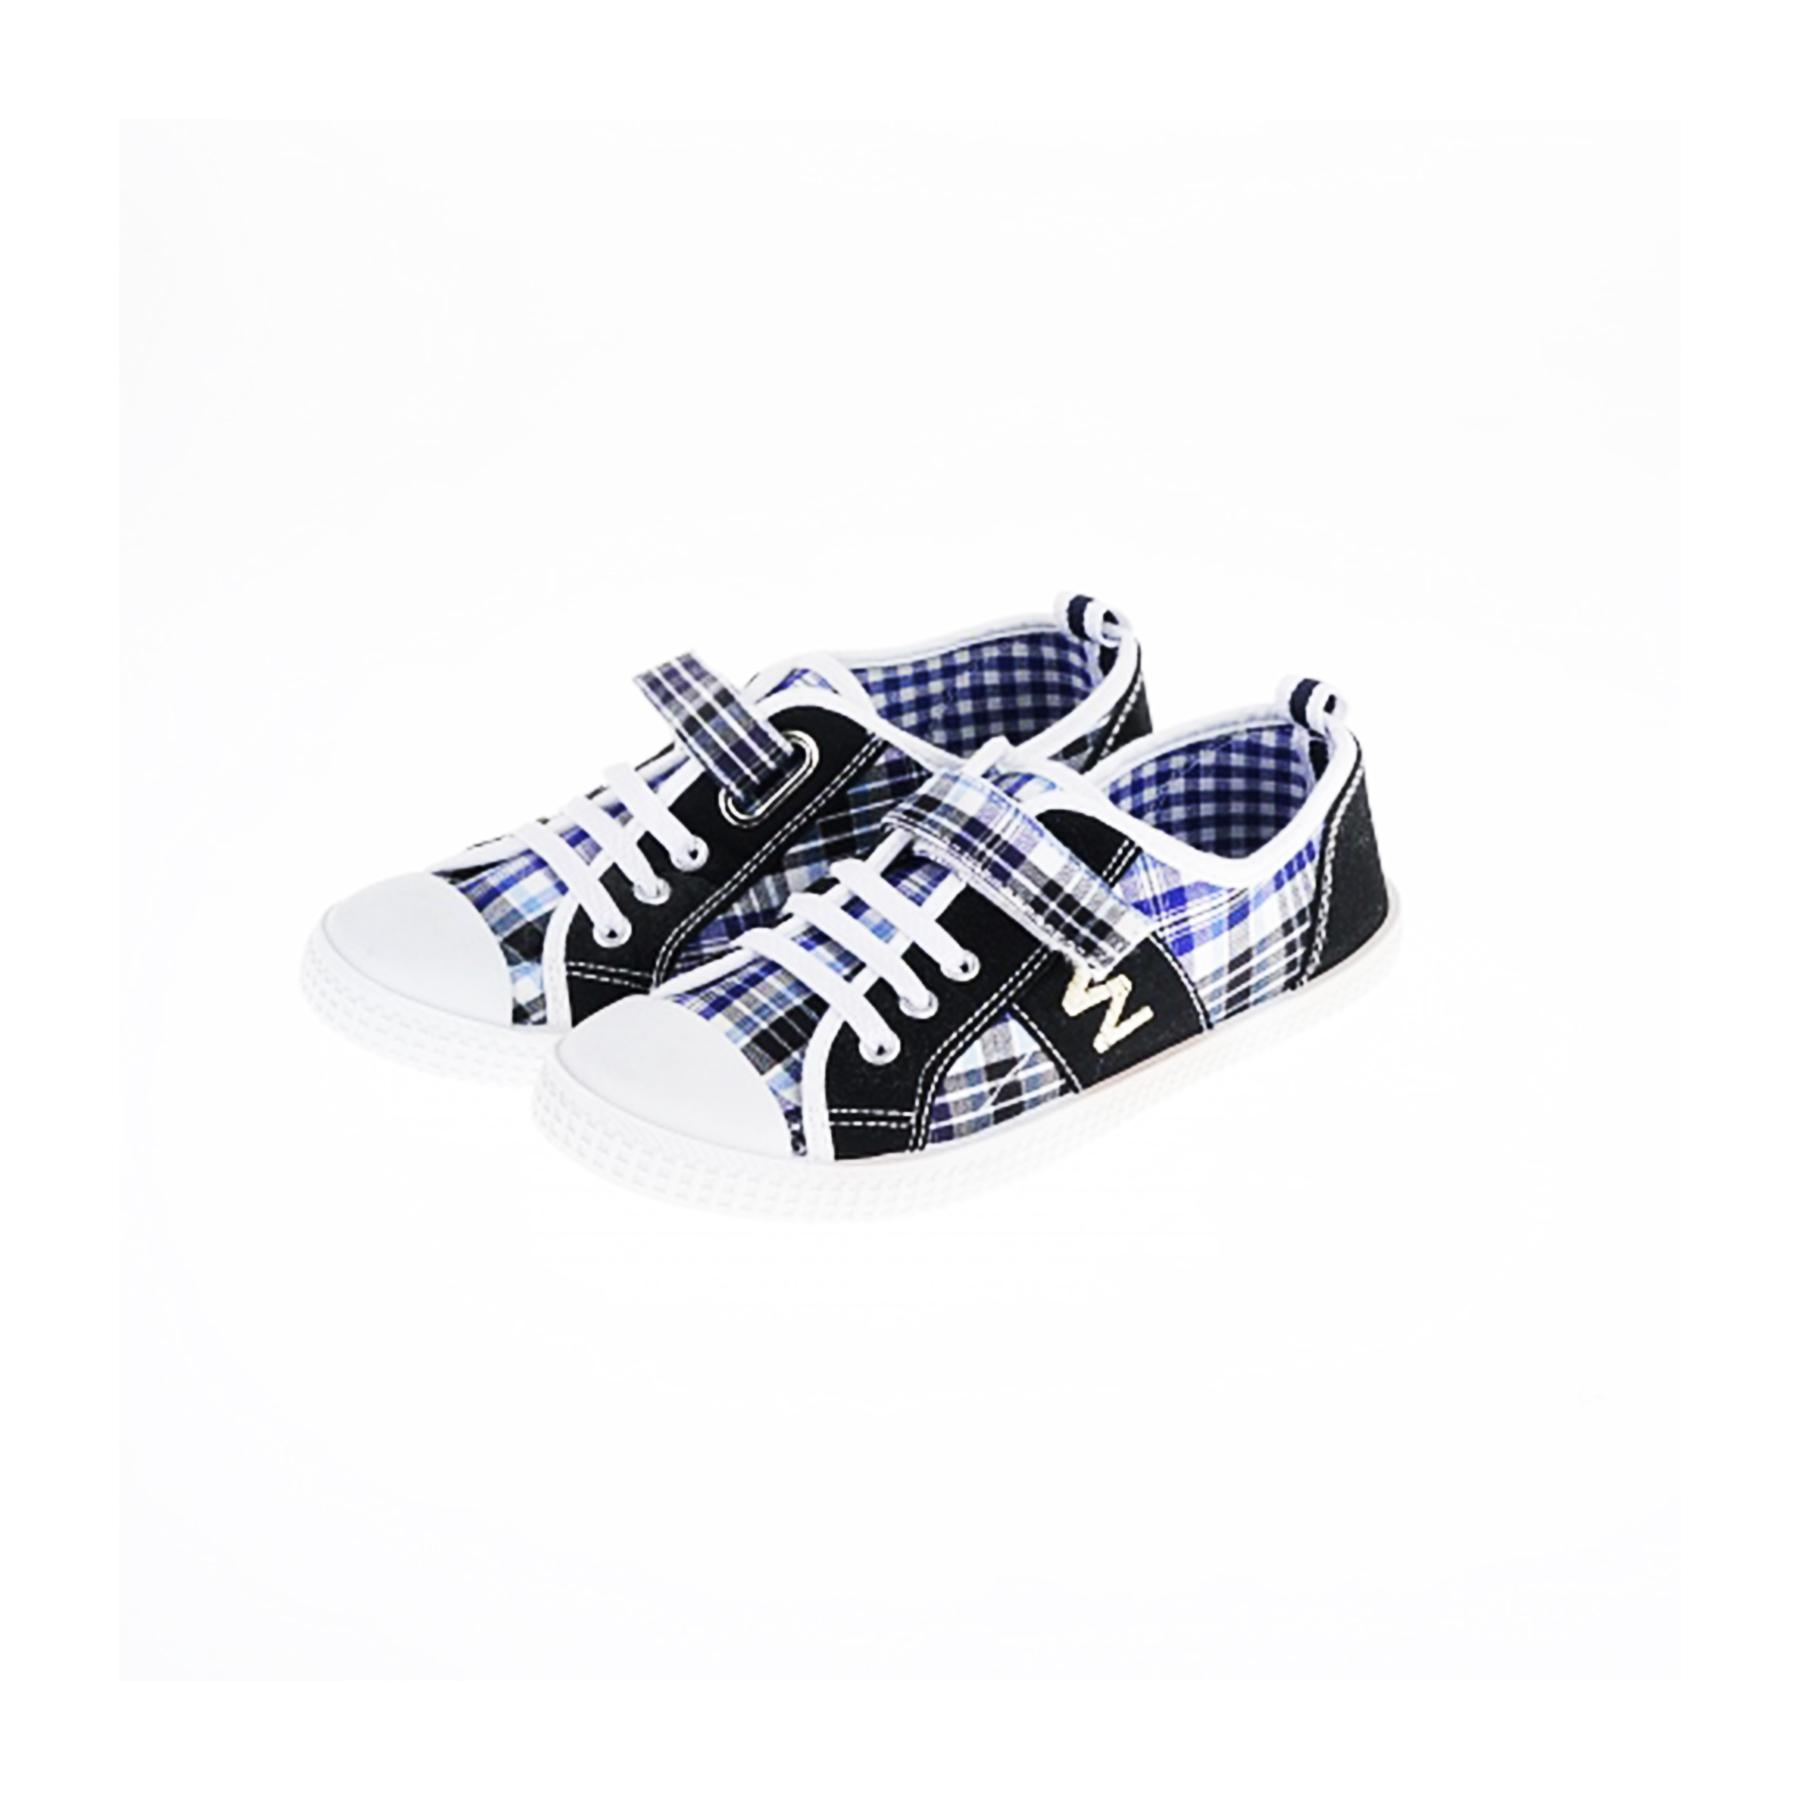 Обувь детская Trien  WJ 003-2 blue/black р. 35 черно-синие